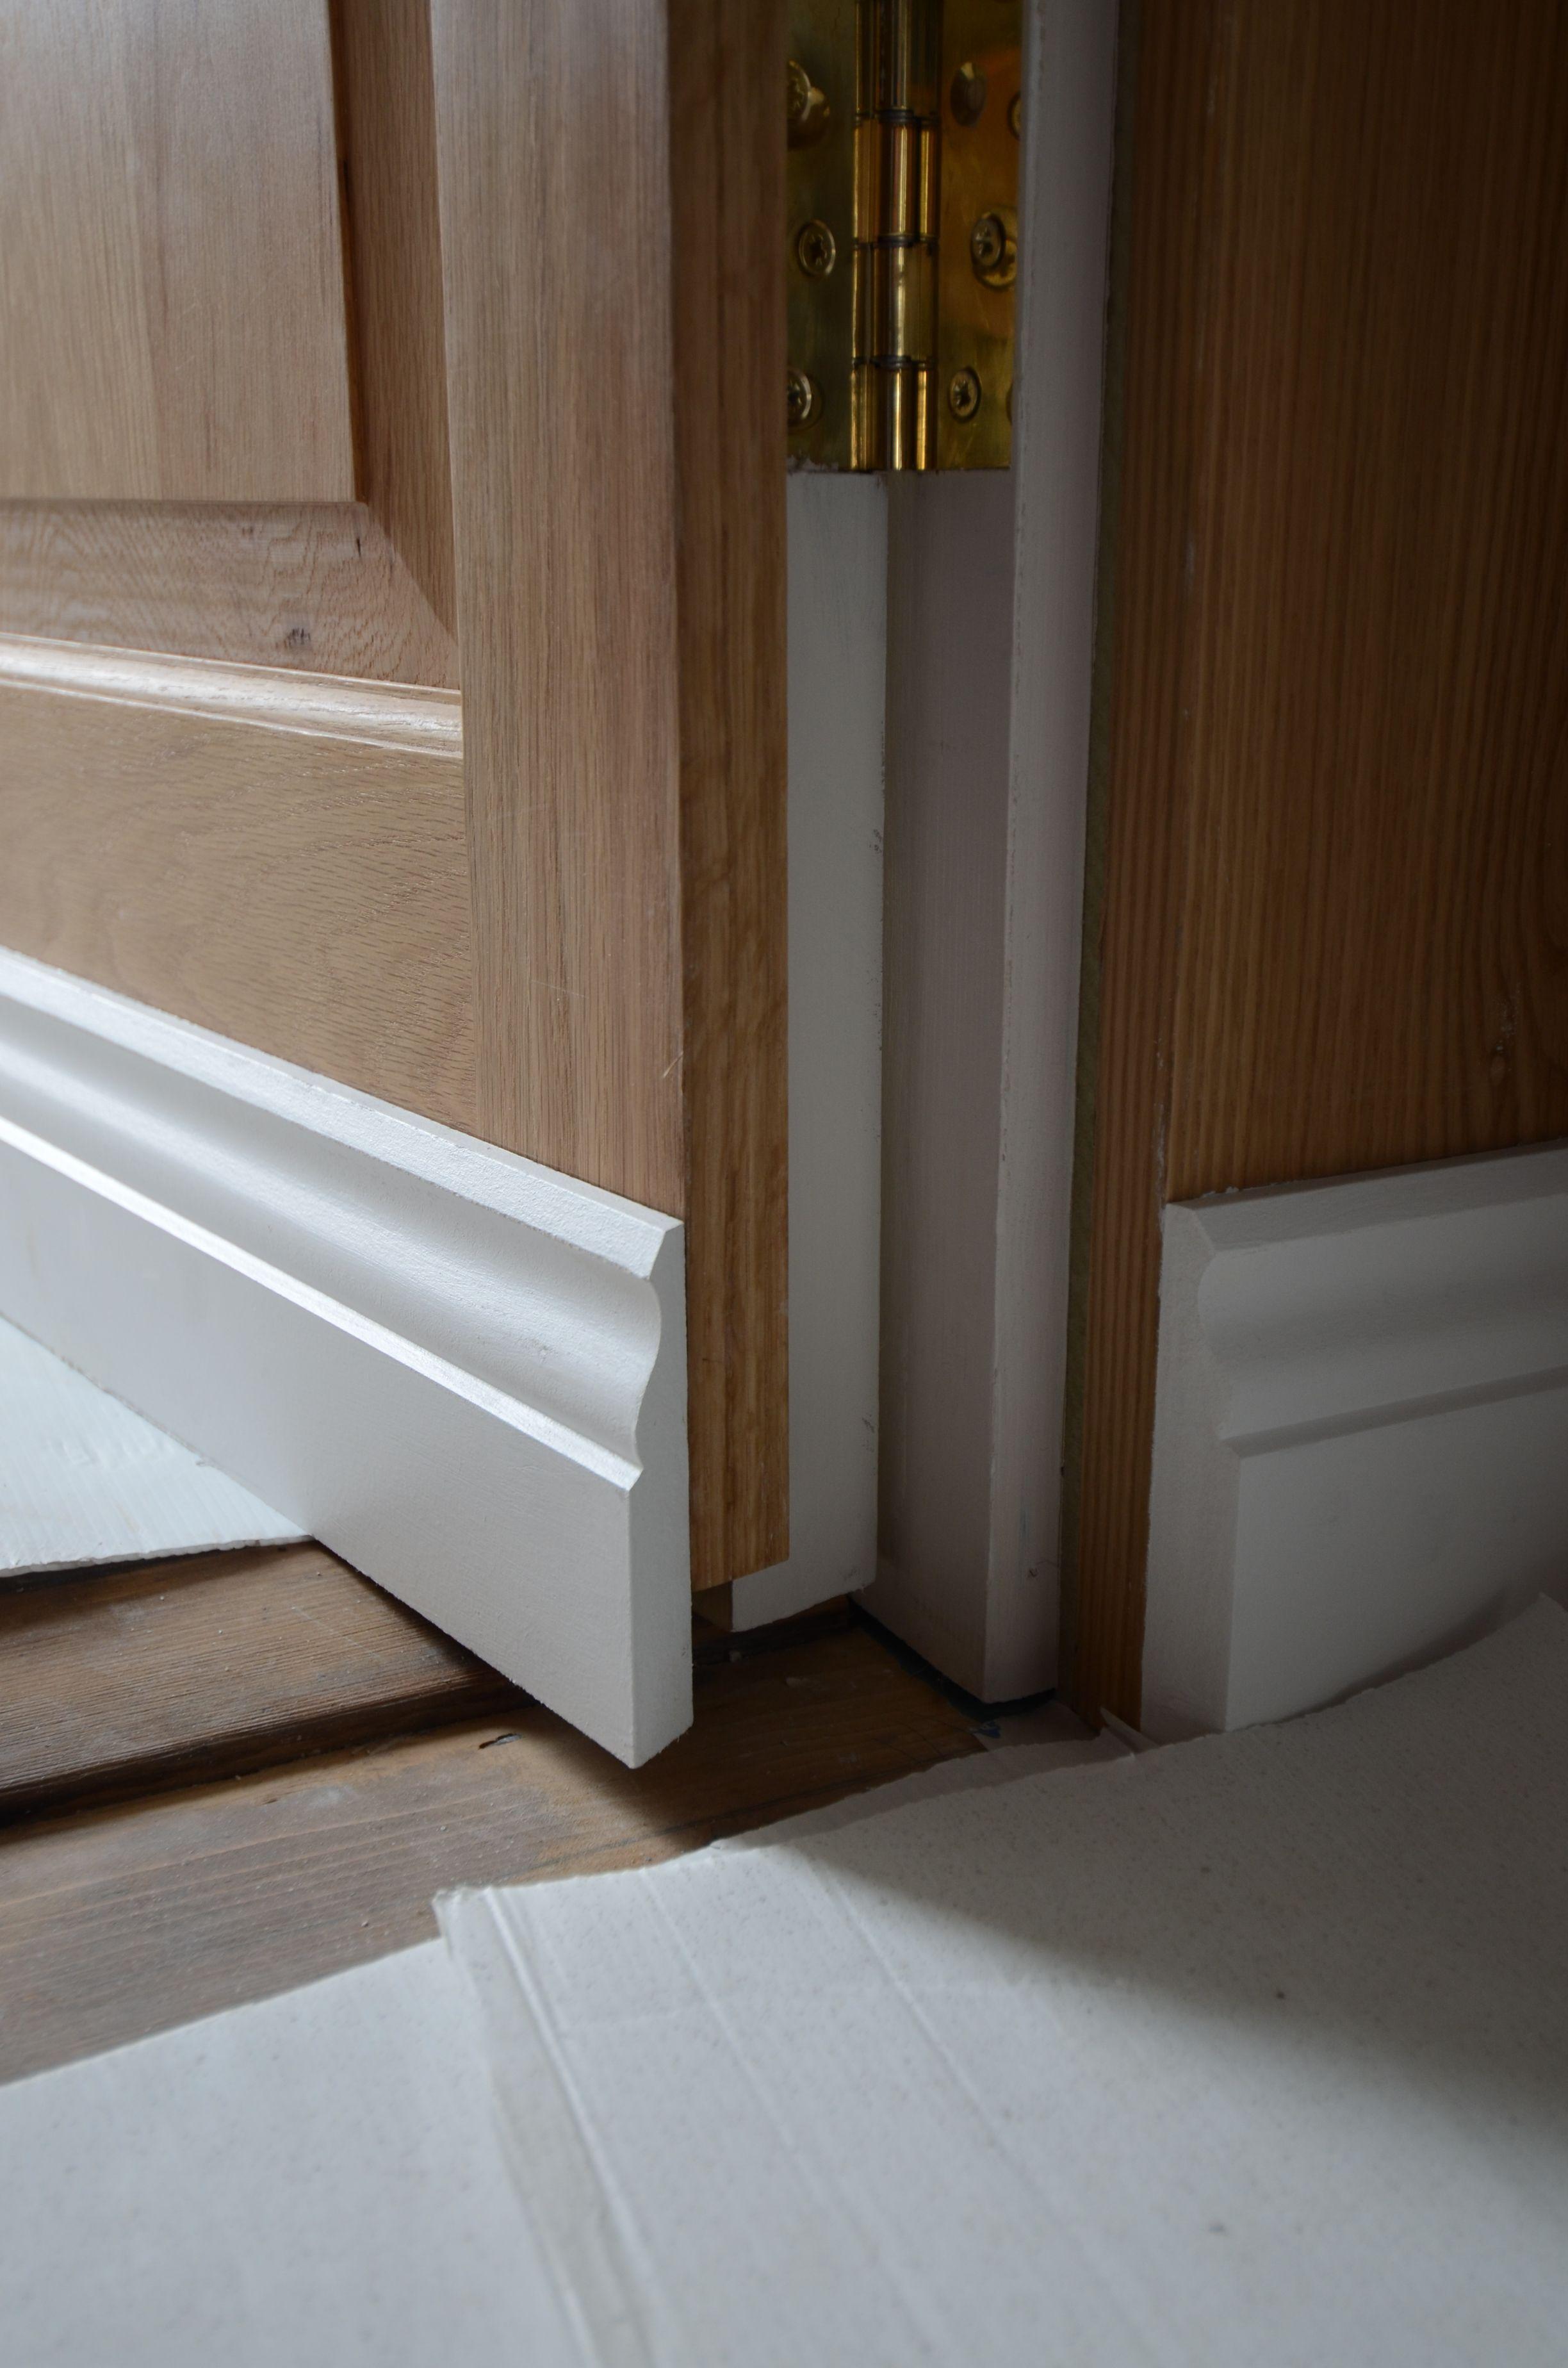 oak jib door skirting and hinge detail | jib door in 2019